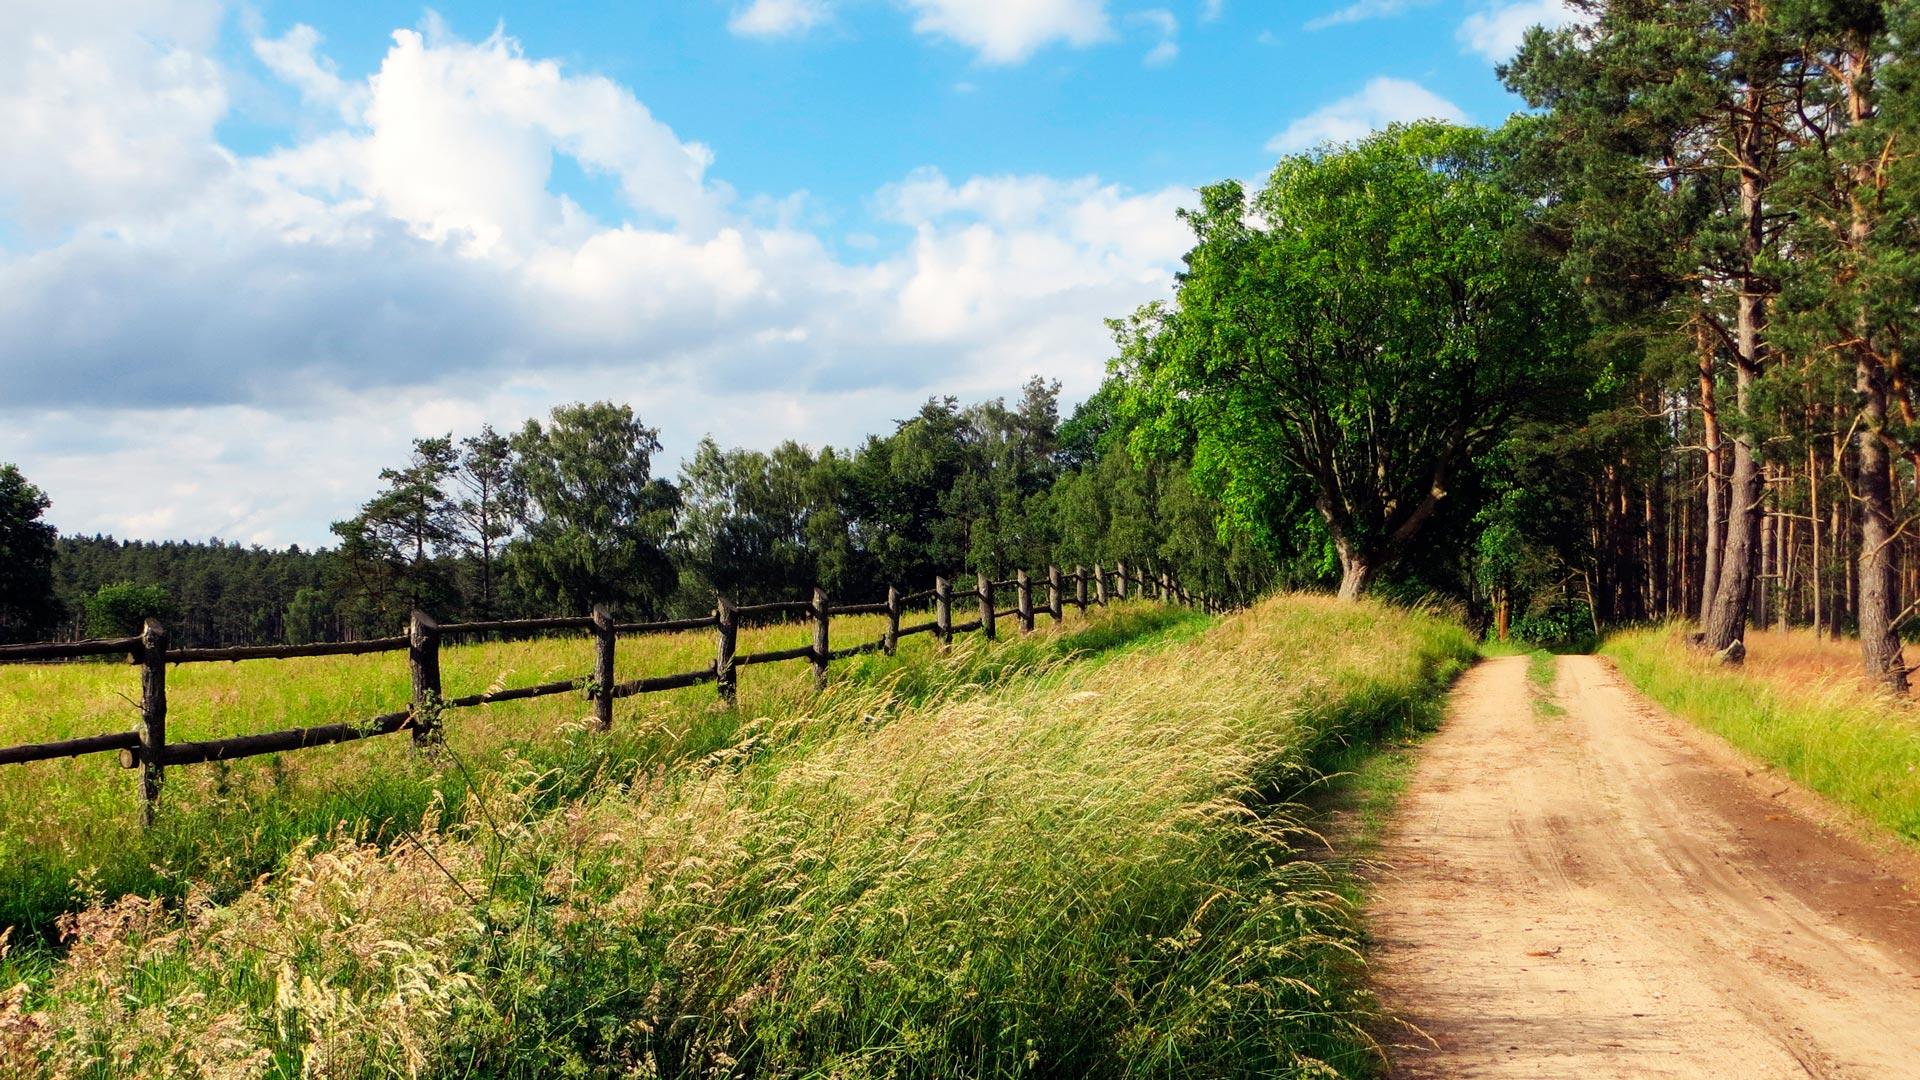 La Xunta de Galicia mejorara los accesos a las explotaciones